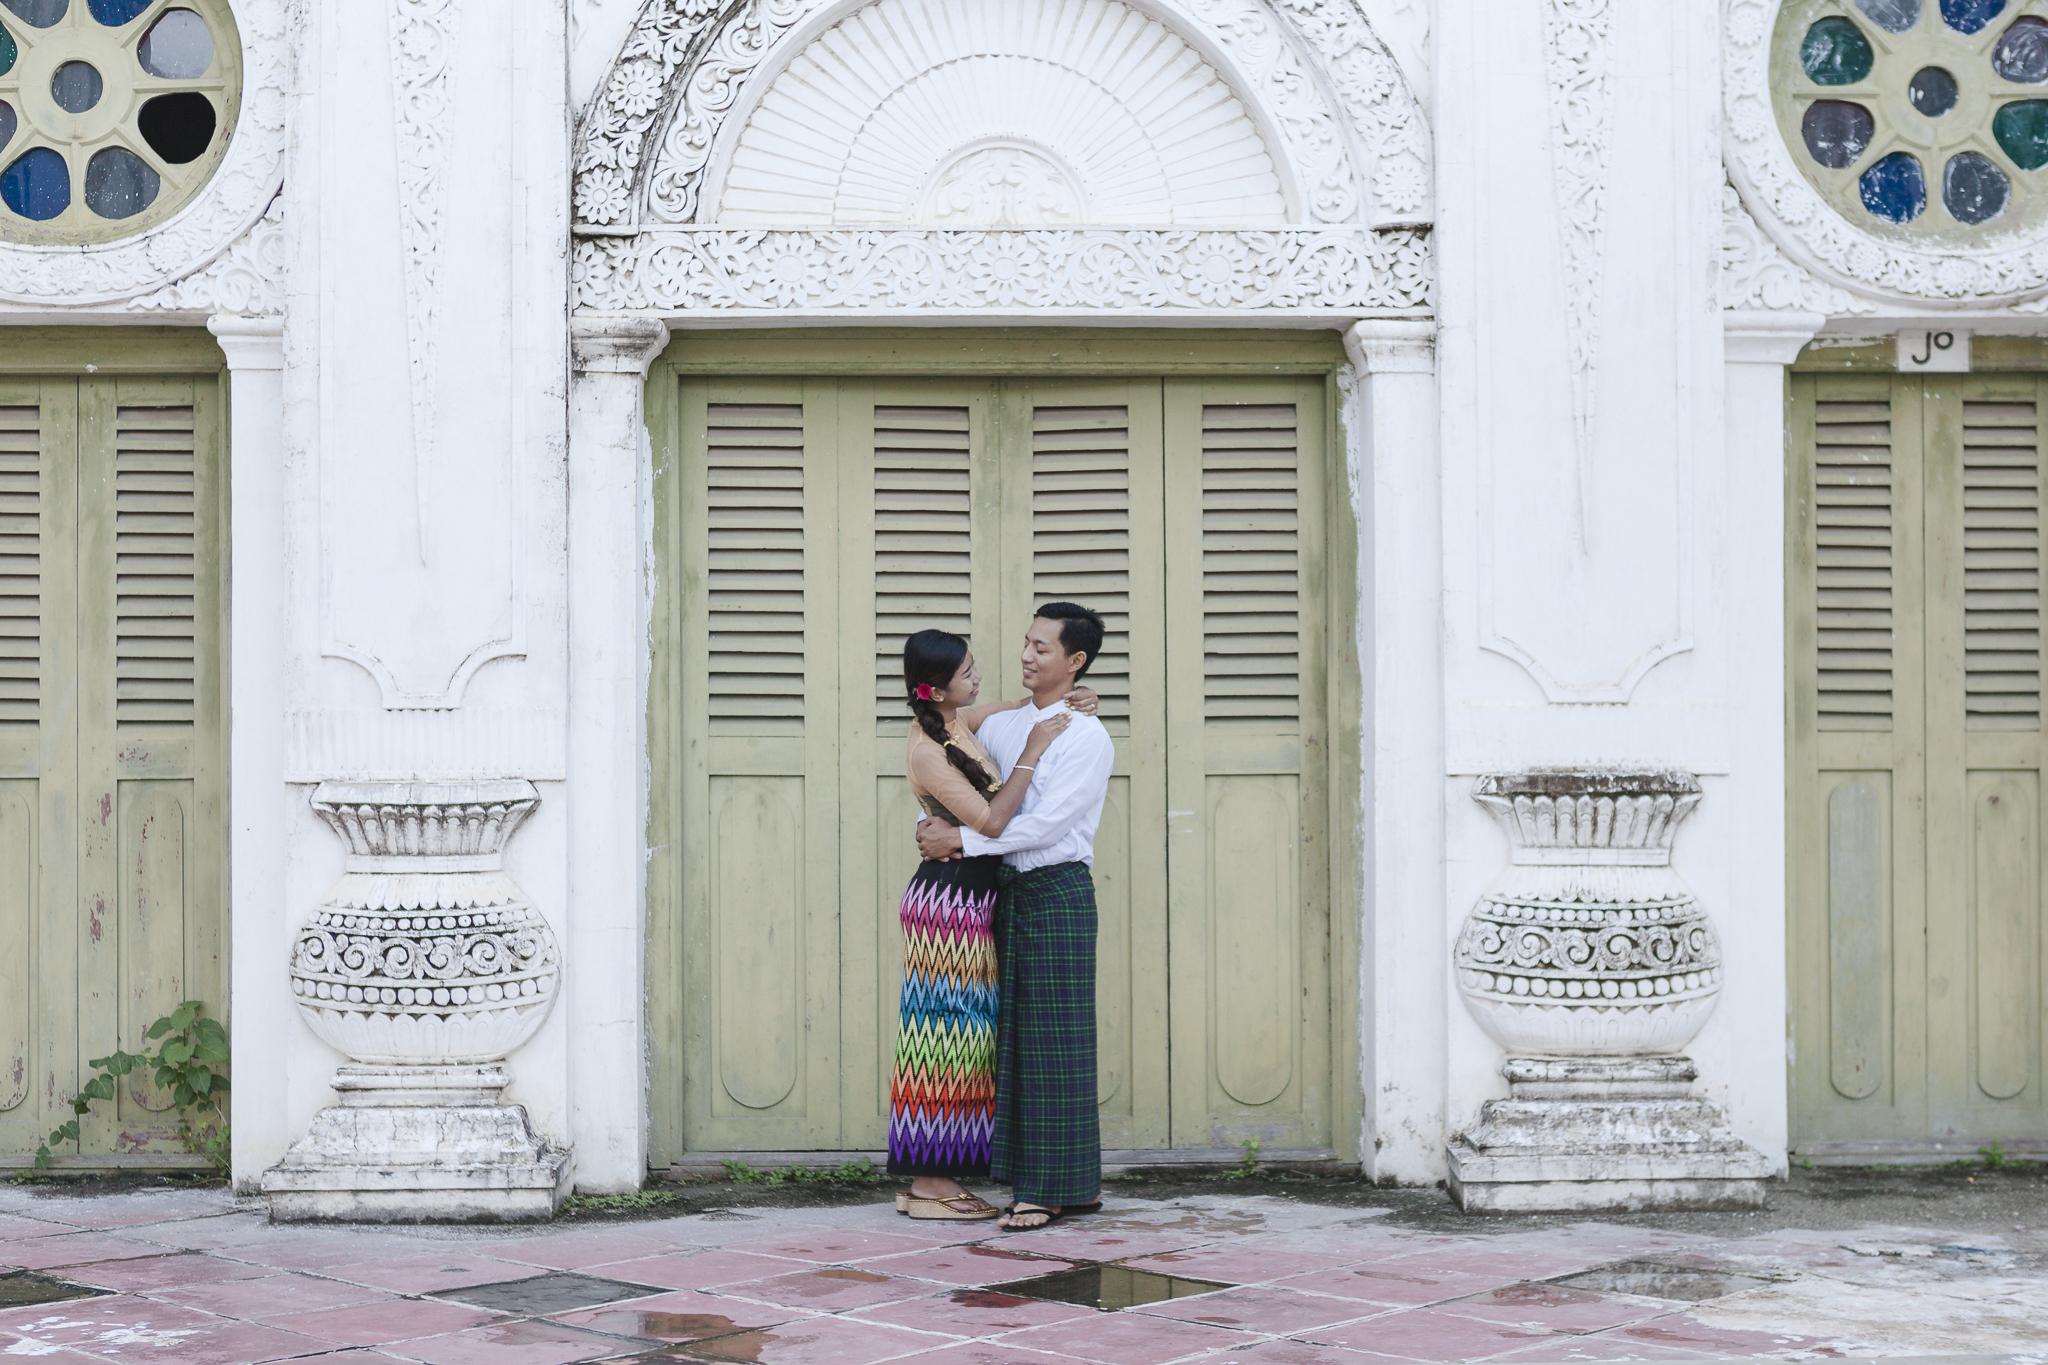 Paarfotos in Mandalay - burmesisches Pärchen vor einem alten Palastgebäude